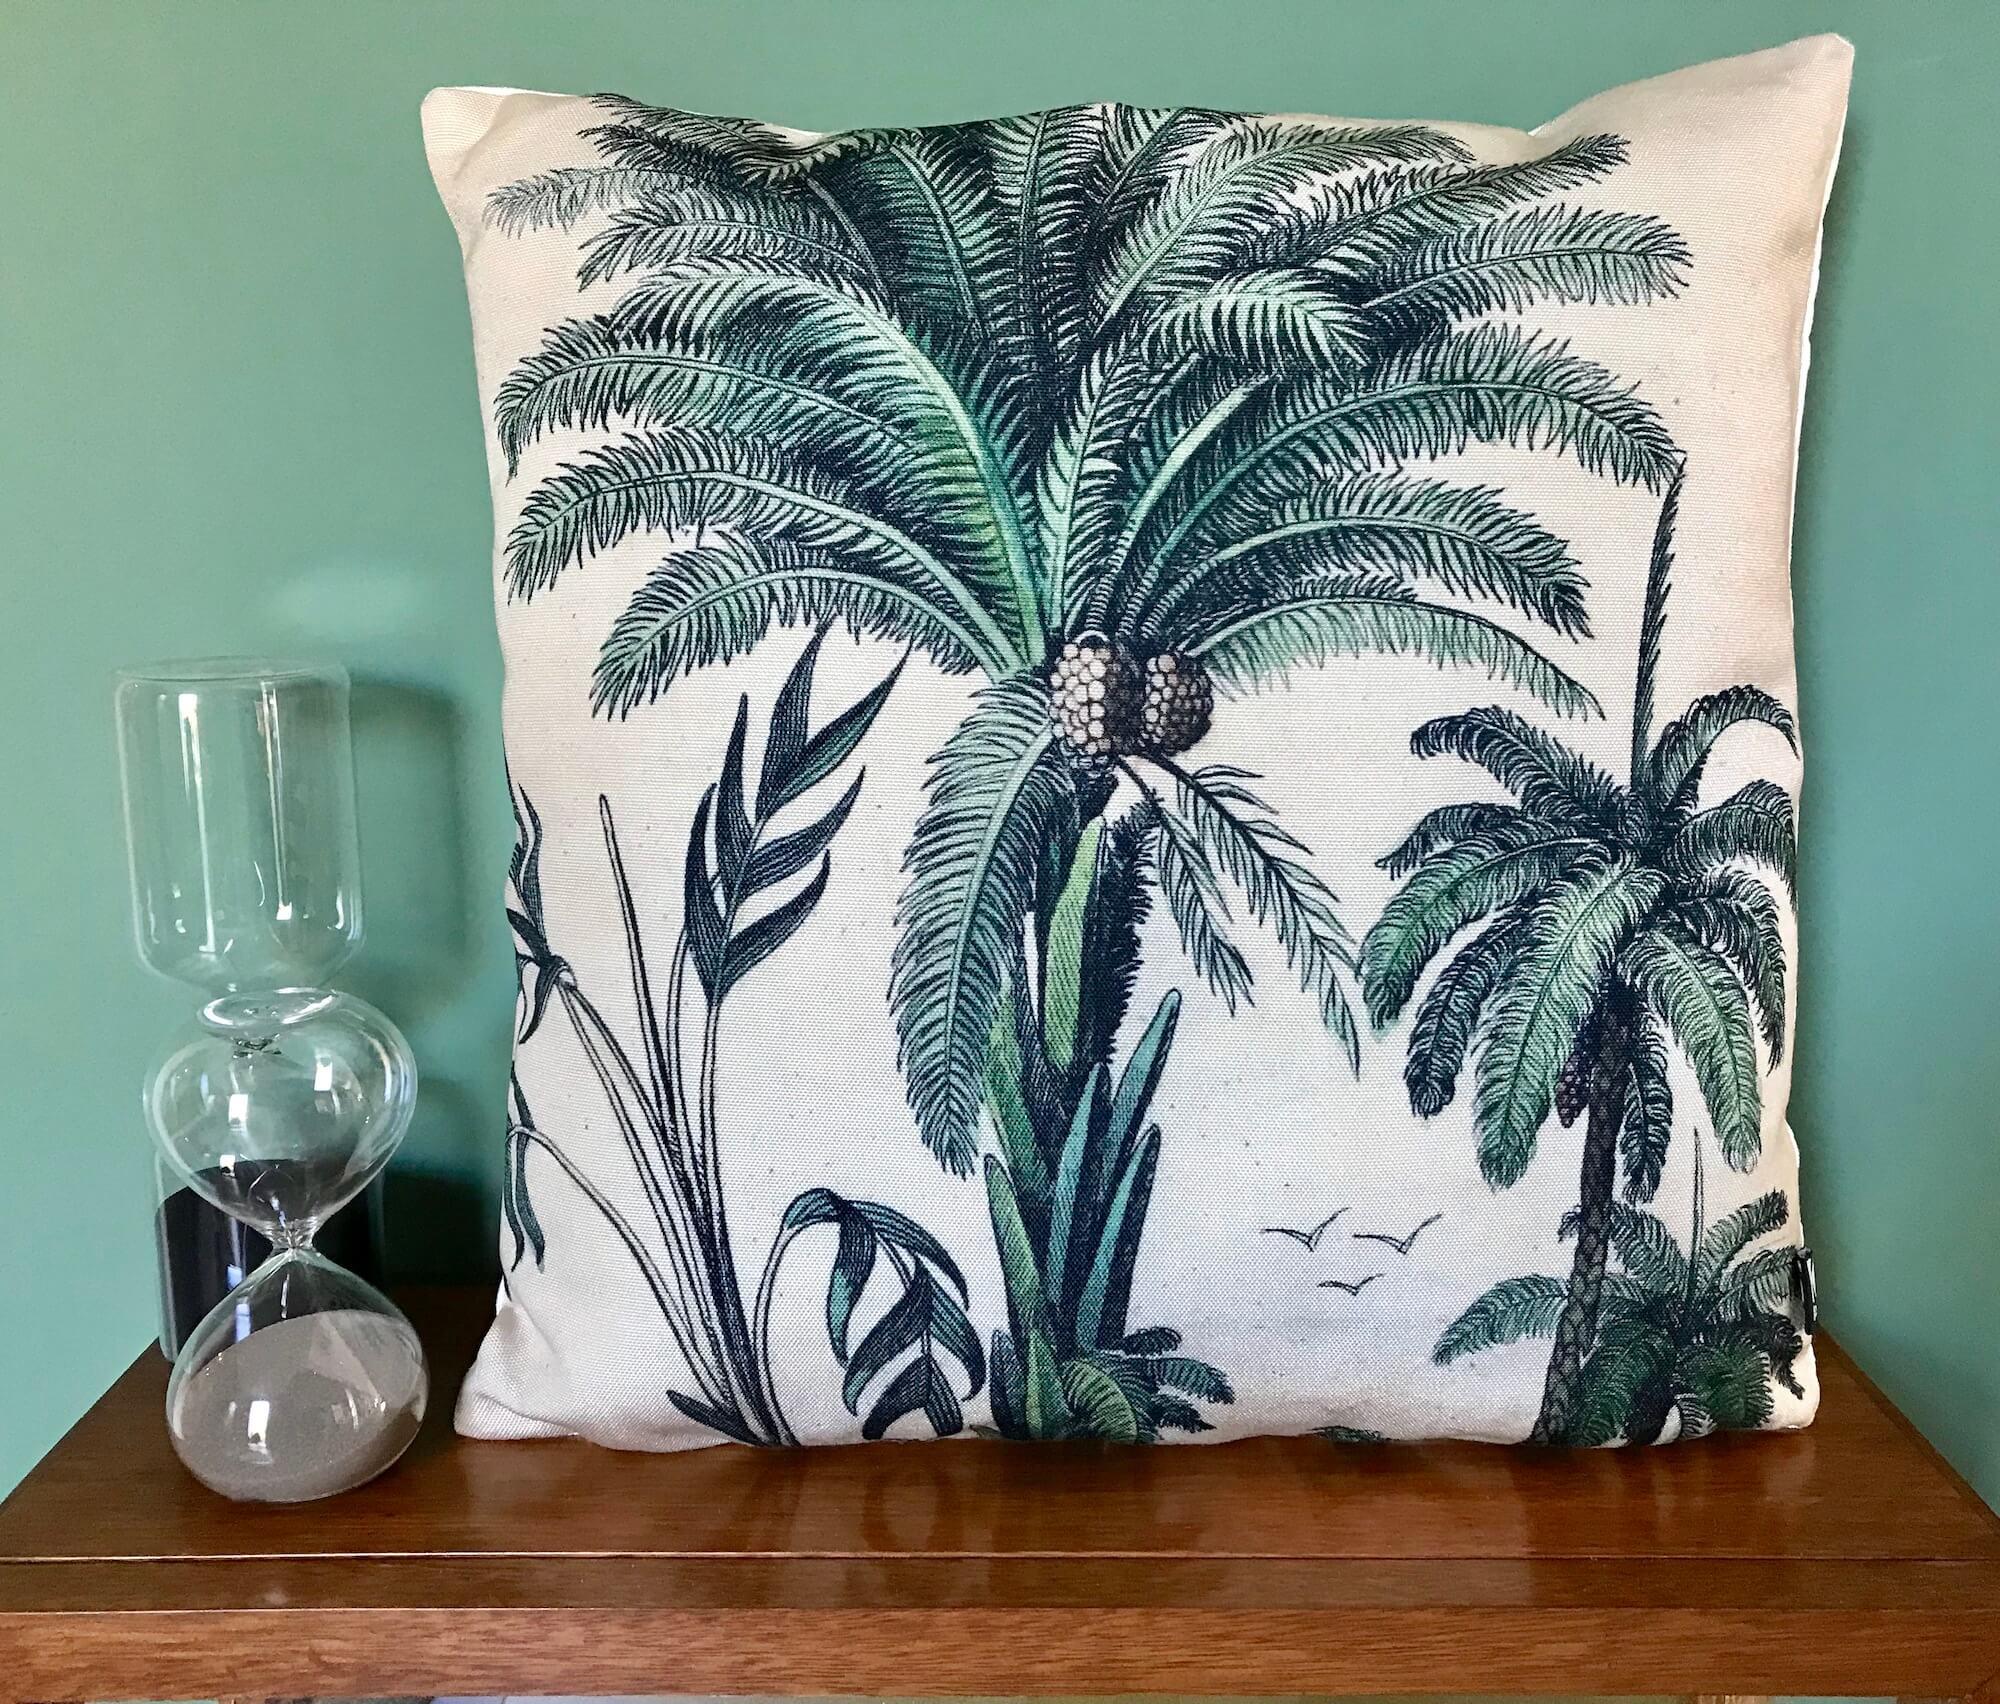 coussin imprim palmiers verts hk living maison saint sa. Black Bedroom Furniture Sets. Home Design Ideas